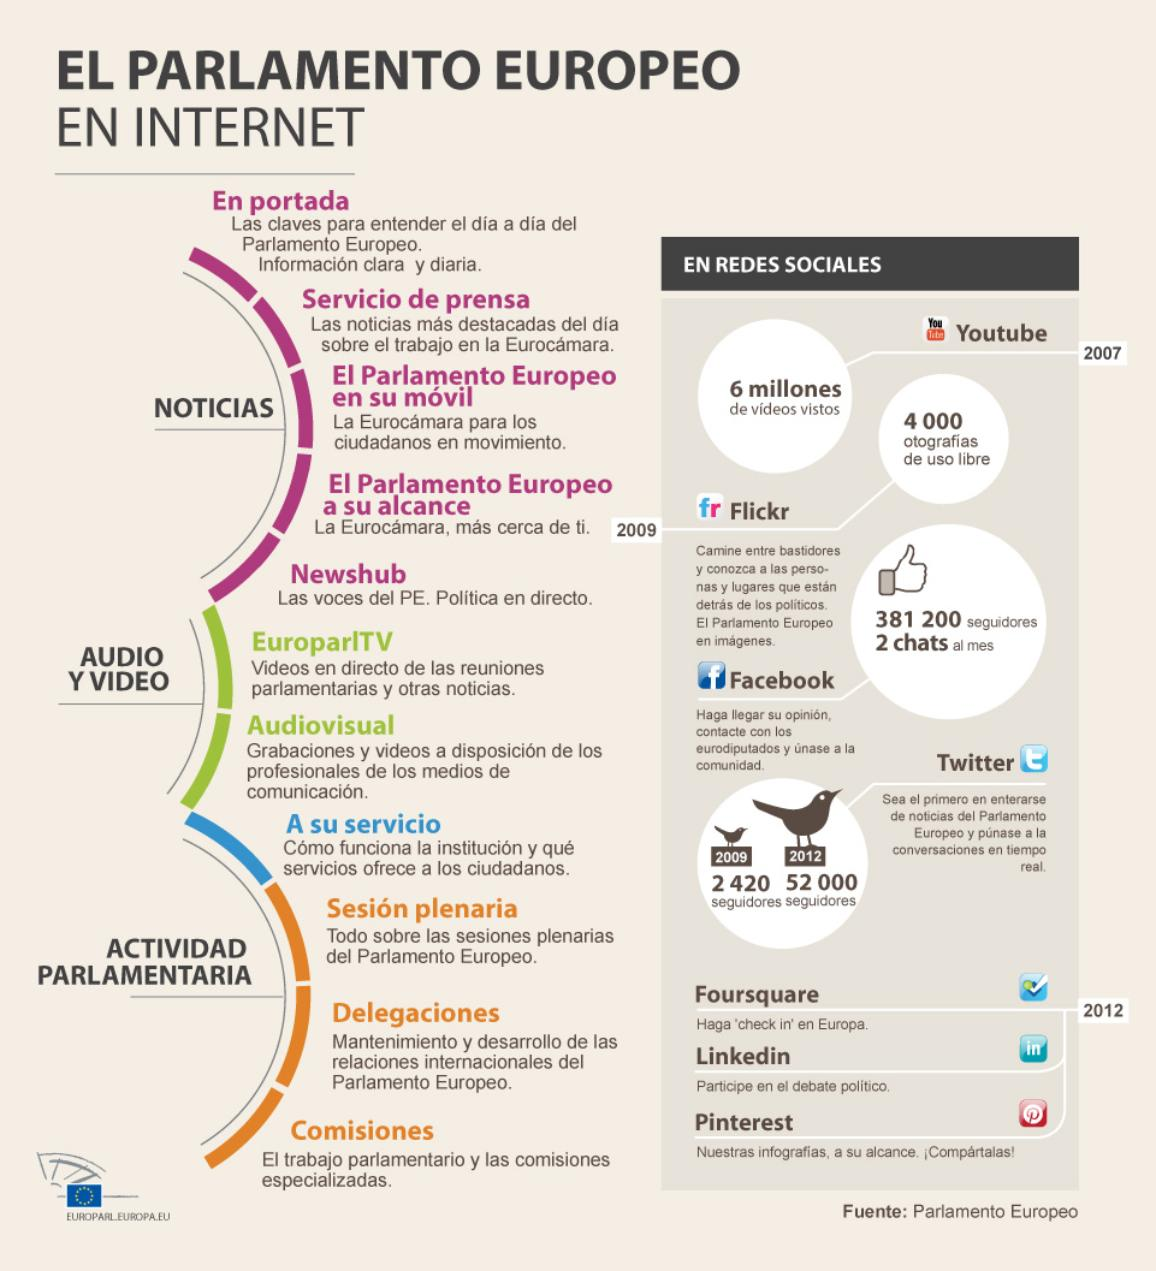 El Parlamento Europeo online